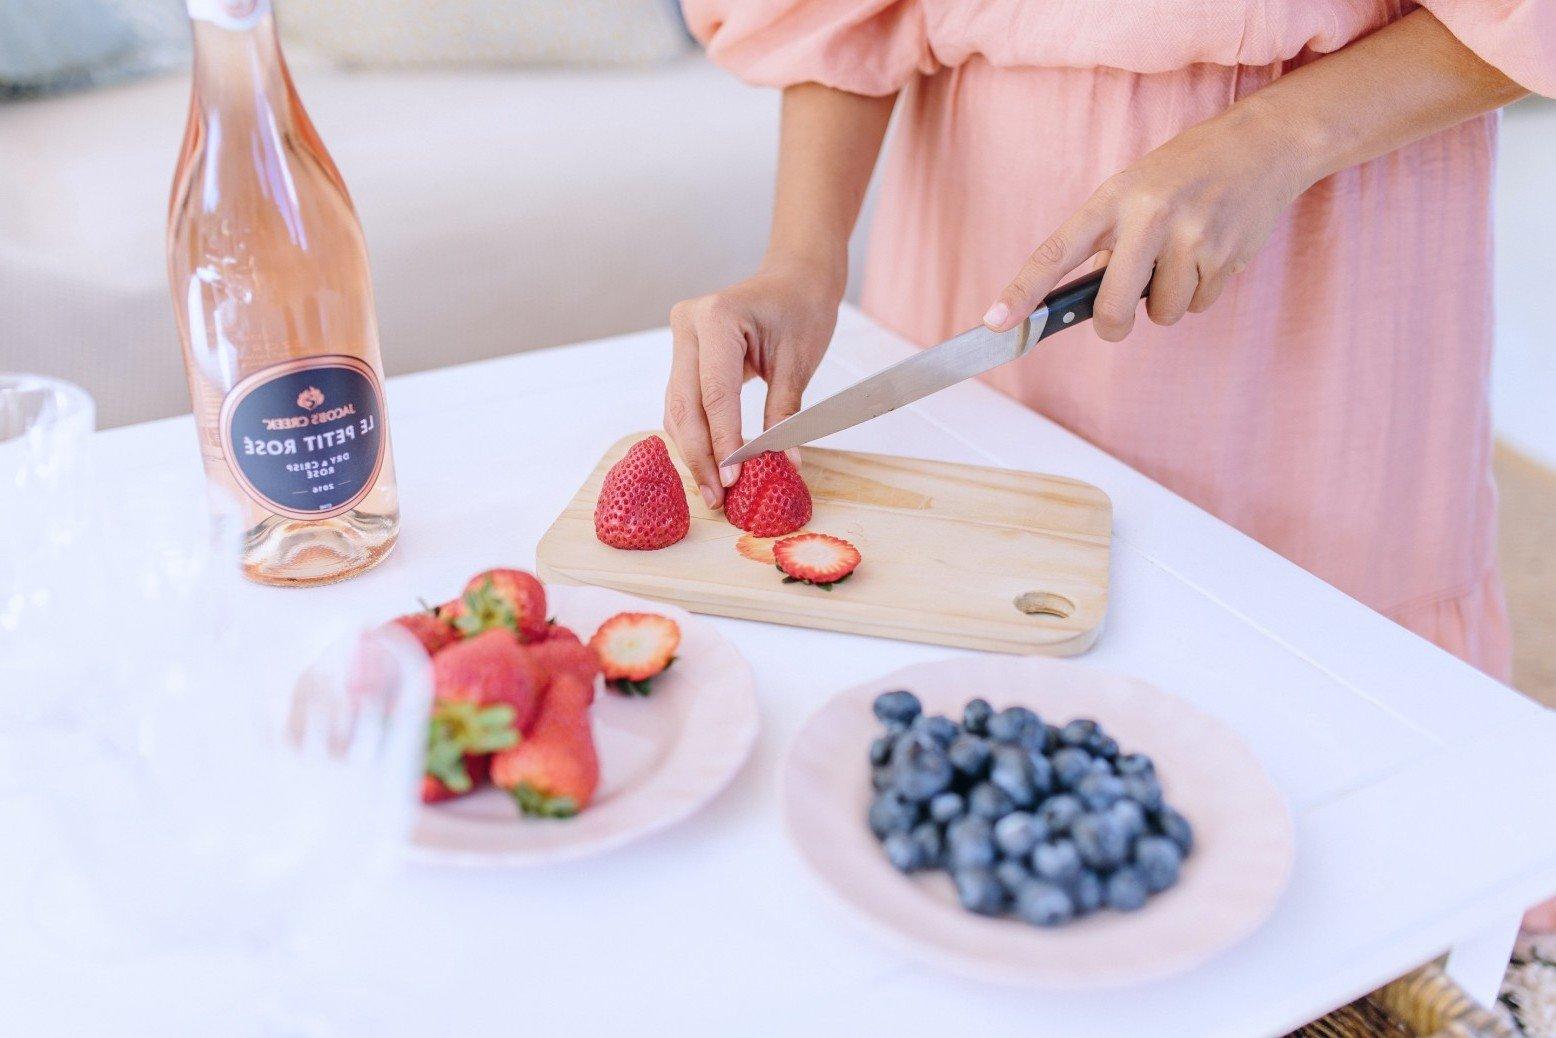 DIY Eiskübel für eine Flasche Wein mit Beeren und Blumen: Tolle Party Dekoration